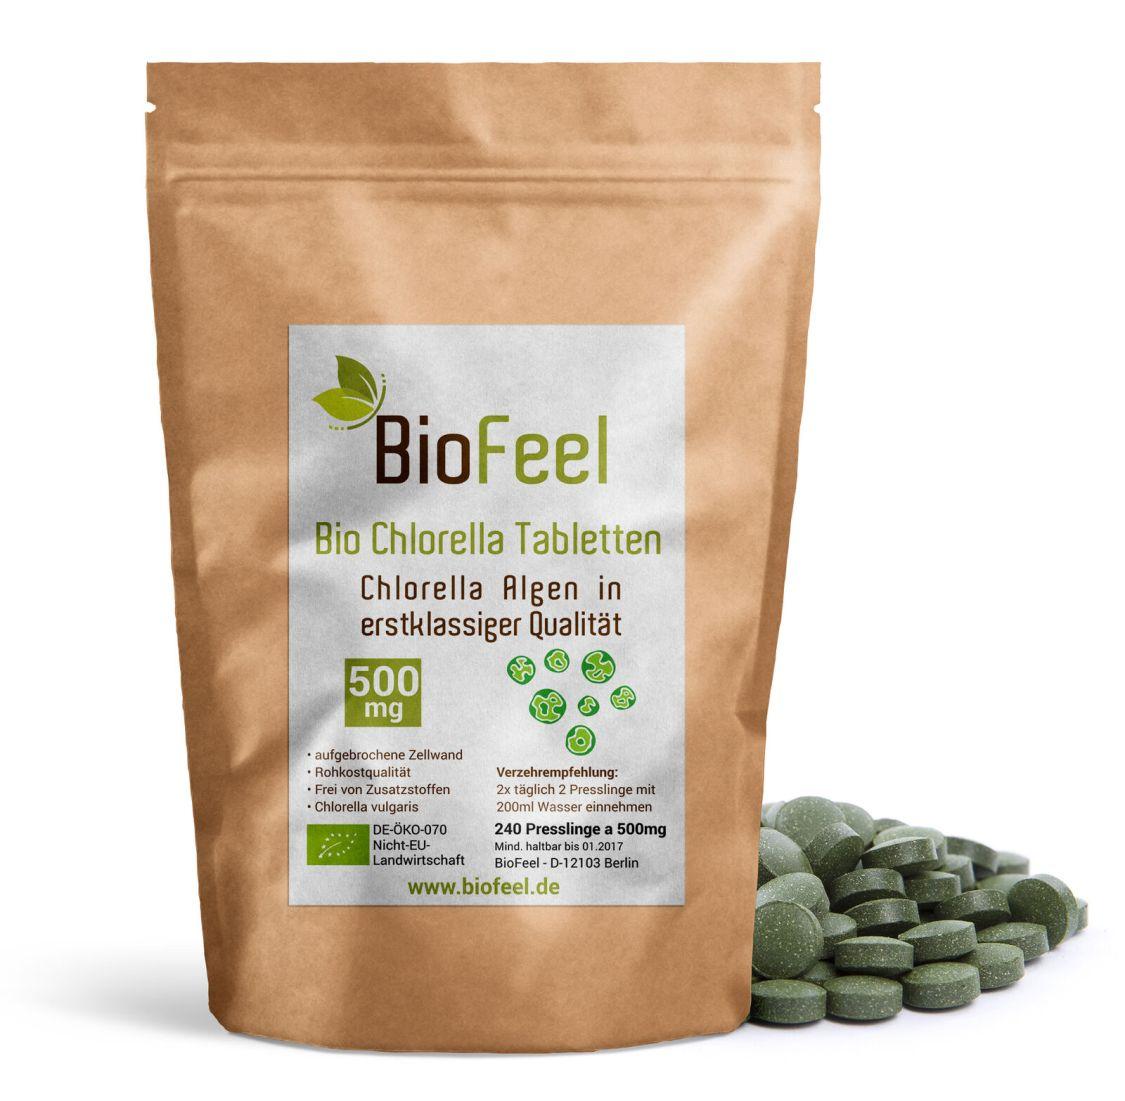 BioFeel - Bio Chlorella Tabletten, 240 Stk., 500mg - Presslinge